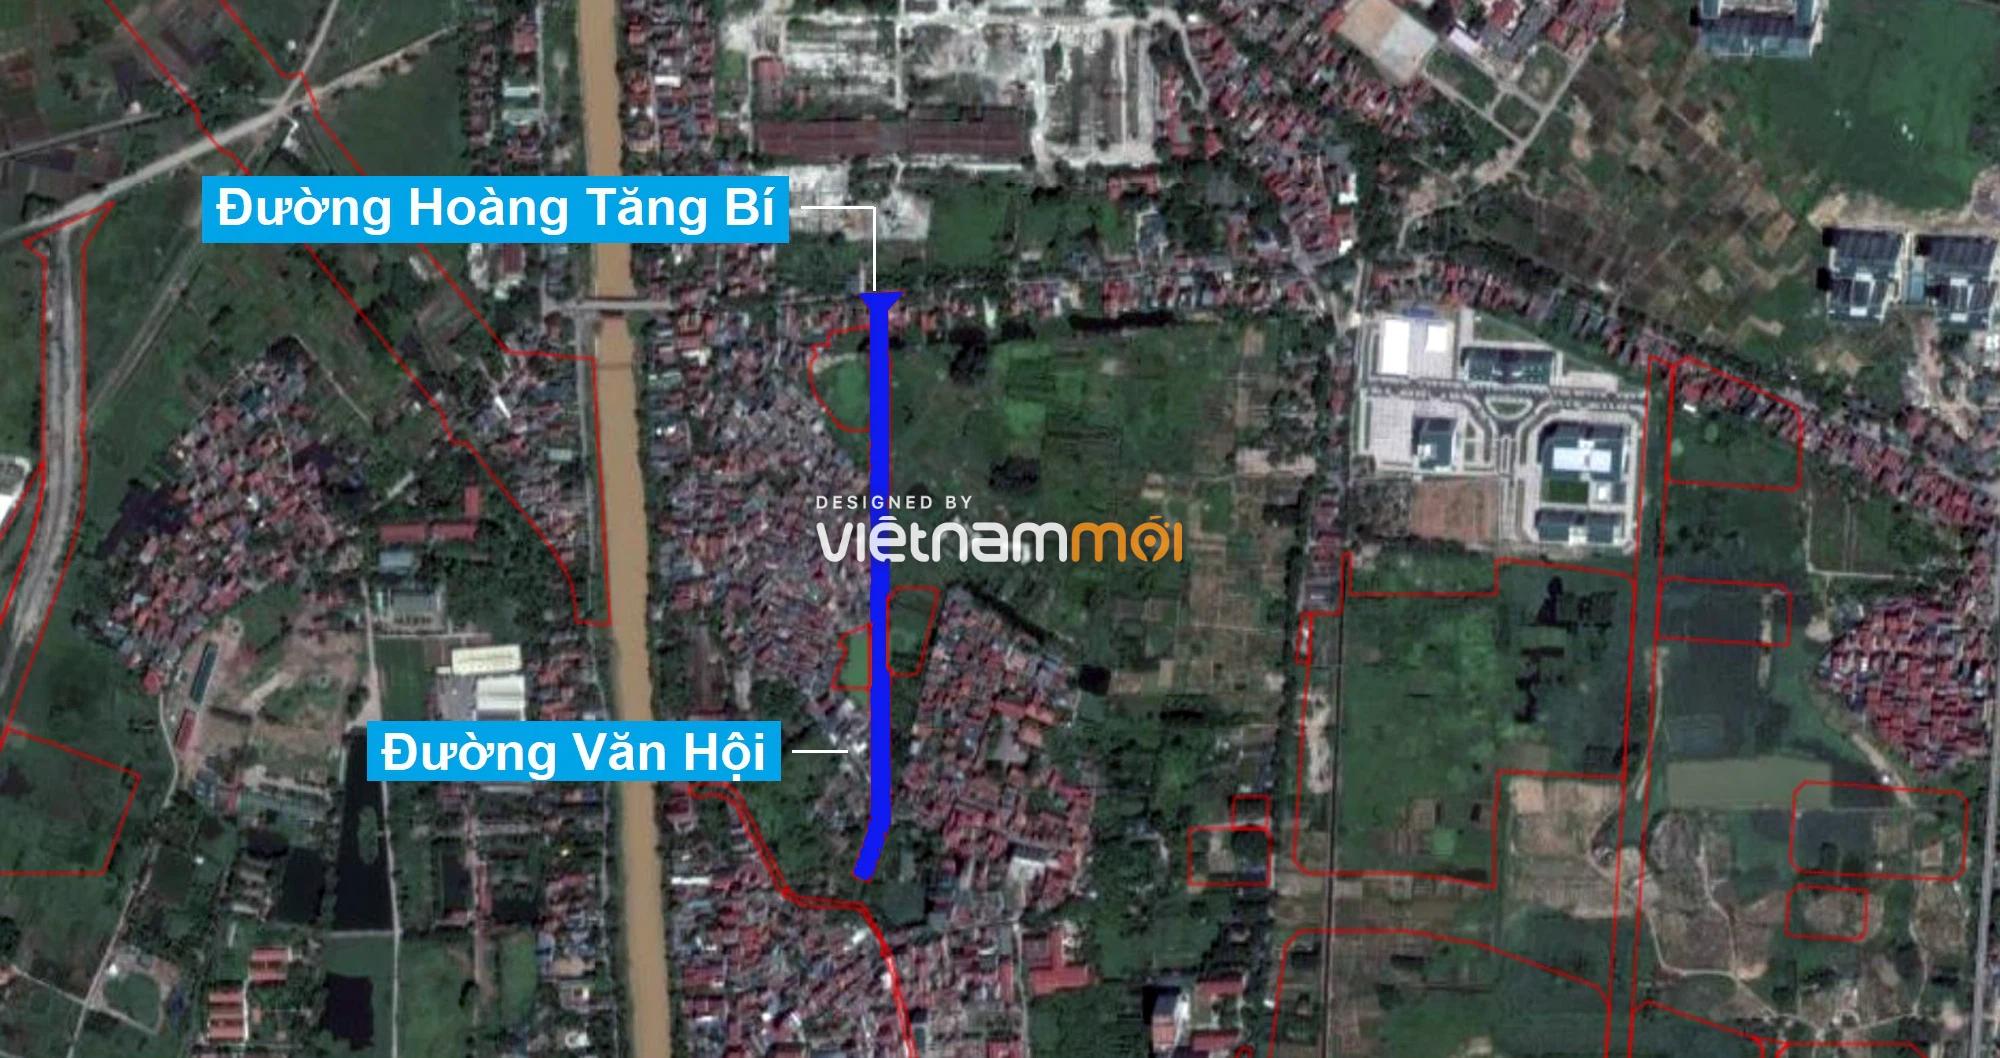 Những khu đất sắp thu hồi để mở đường ở quận Bắc Từ Liêm, Hà Nội (phần 2) - Ảnh 11.